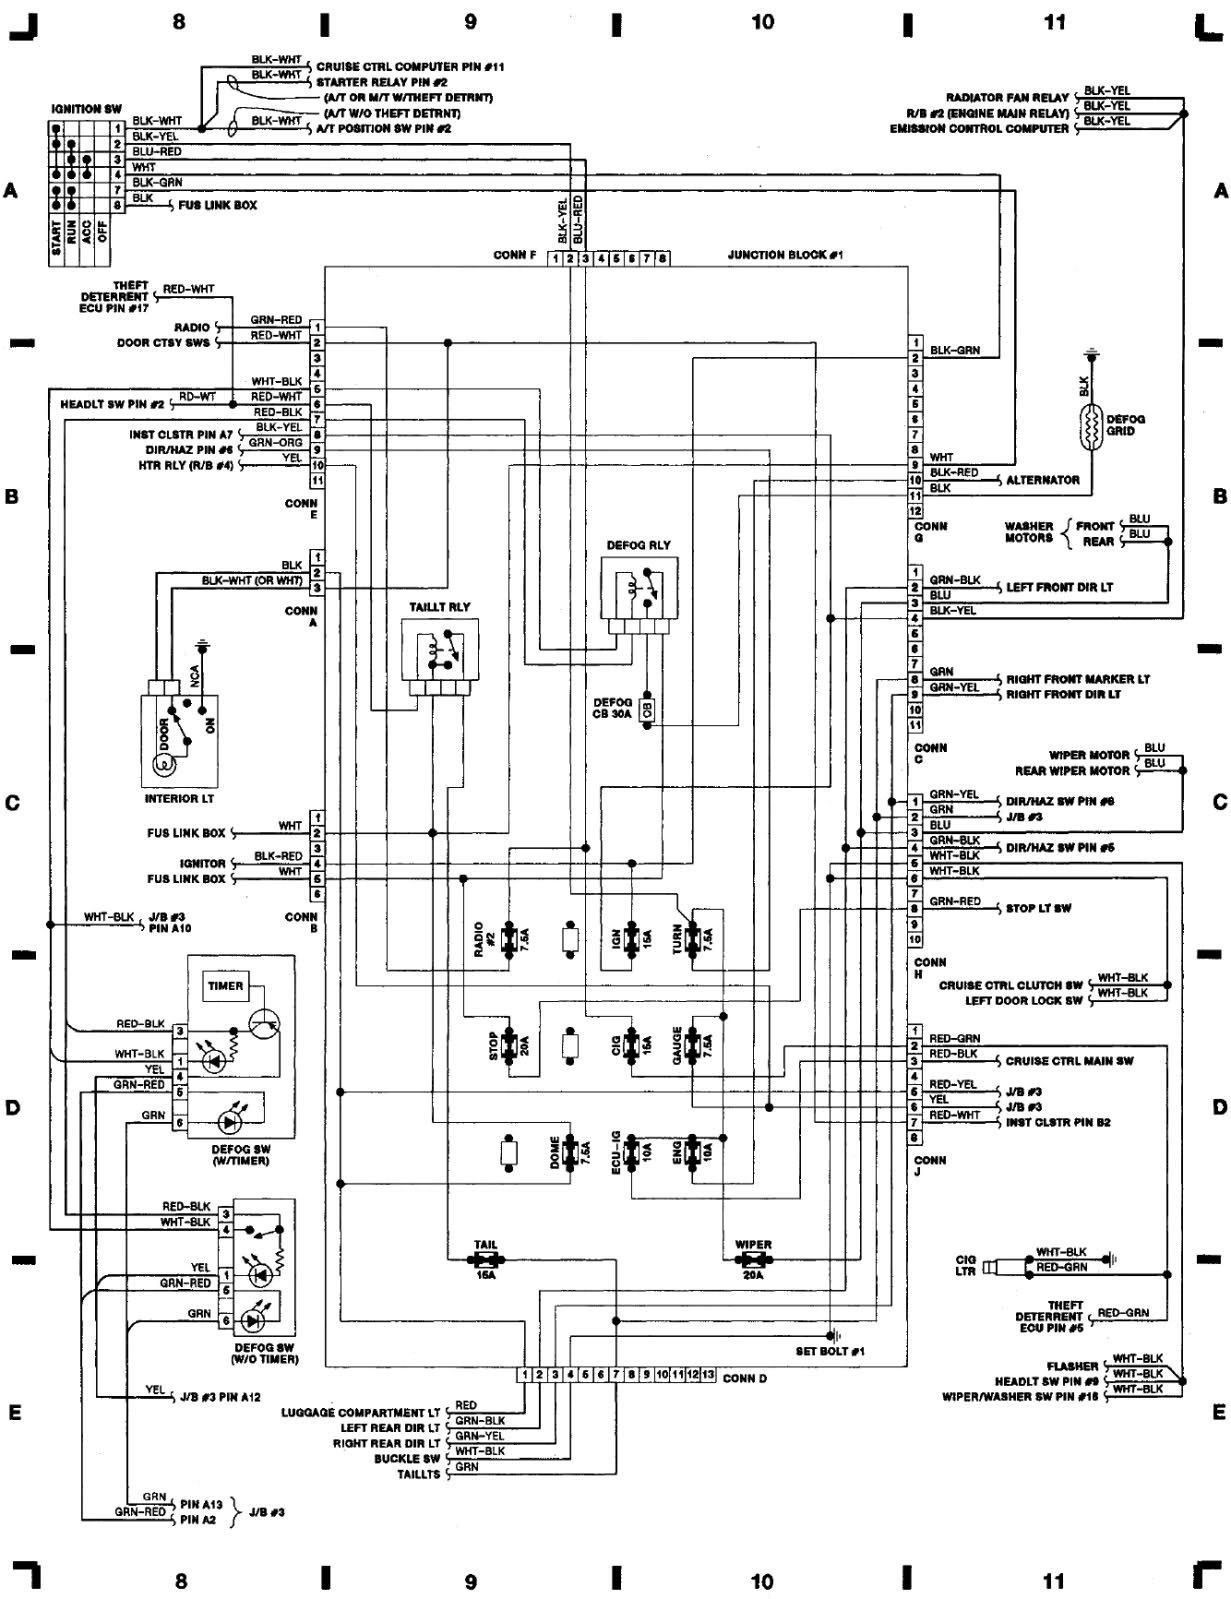 Wirin Diagram Of toyota Corolla 2005 Unique Wiring Diagram Electric Gates Of Wirin Diagram Of toyota Corolla 2005